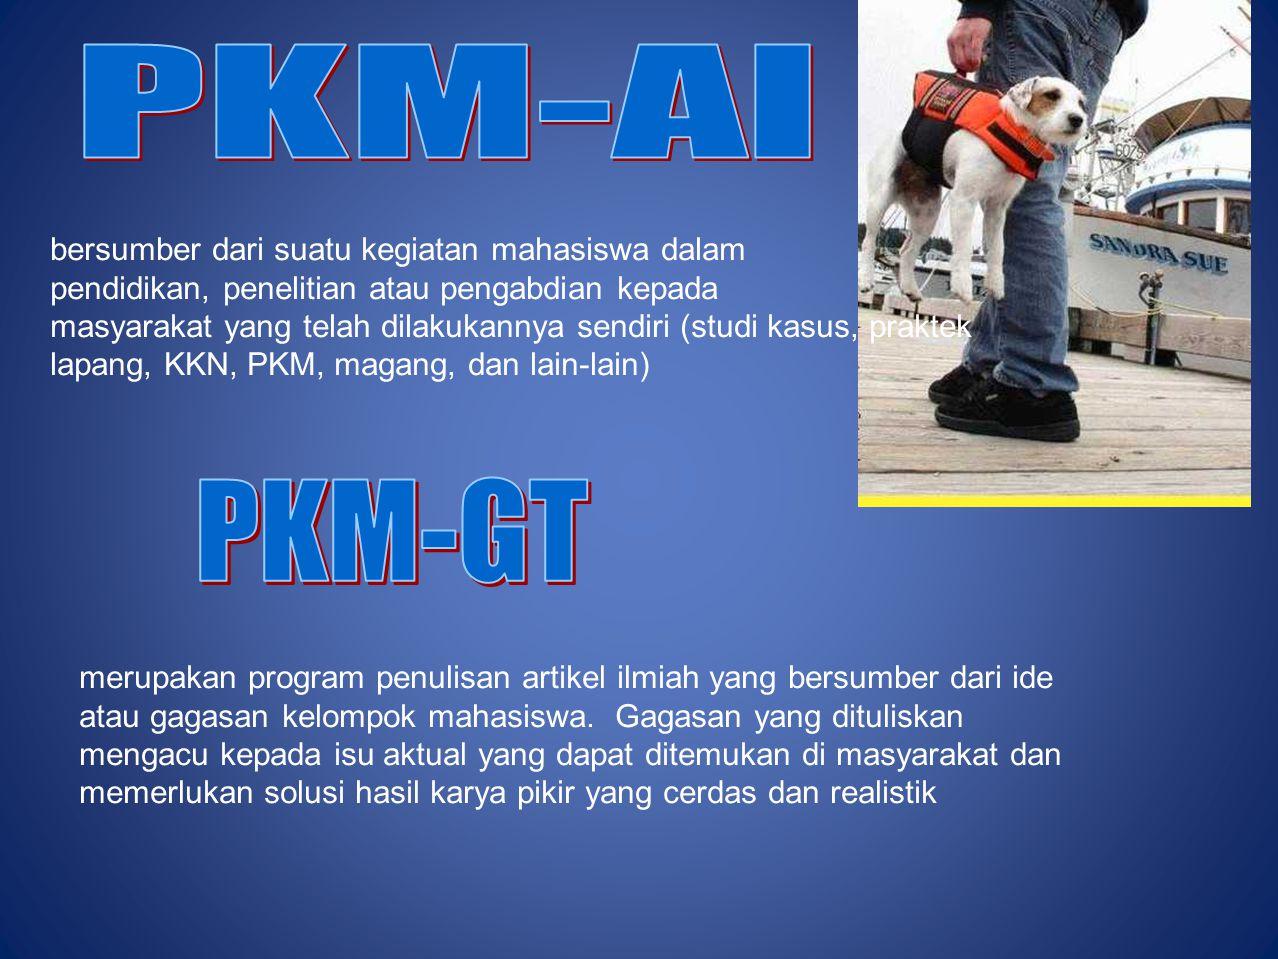 PKM-KC Merupakan program penciptaan yang didasari atas karsa dan nalar mahasiswa, bersifat konstruktif serta menghasilkan suatu sistem, desain, model/